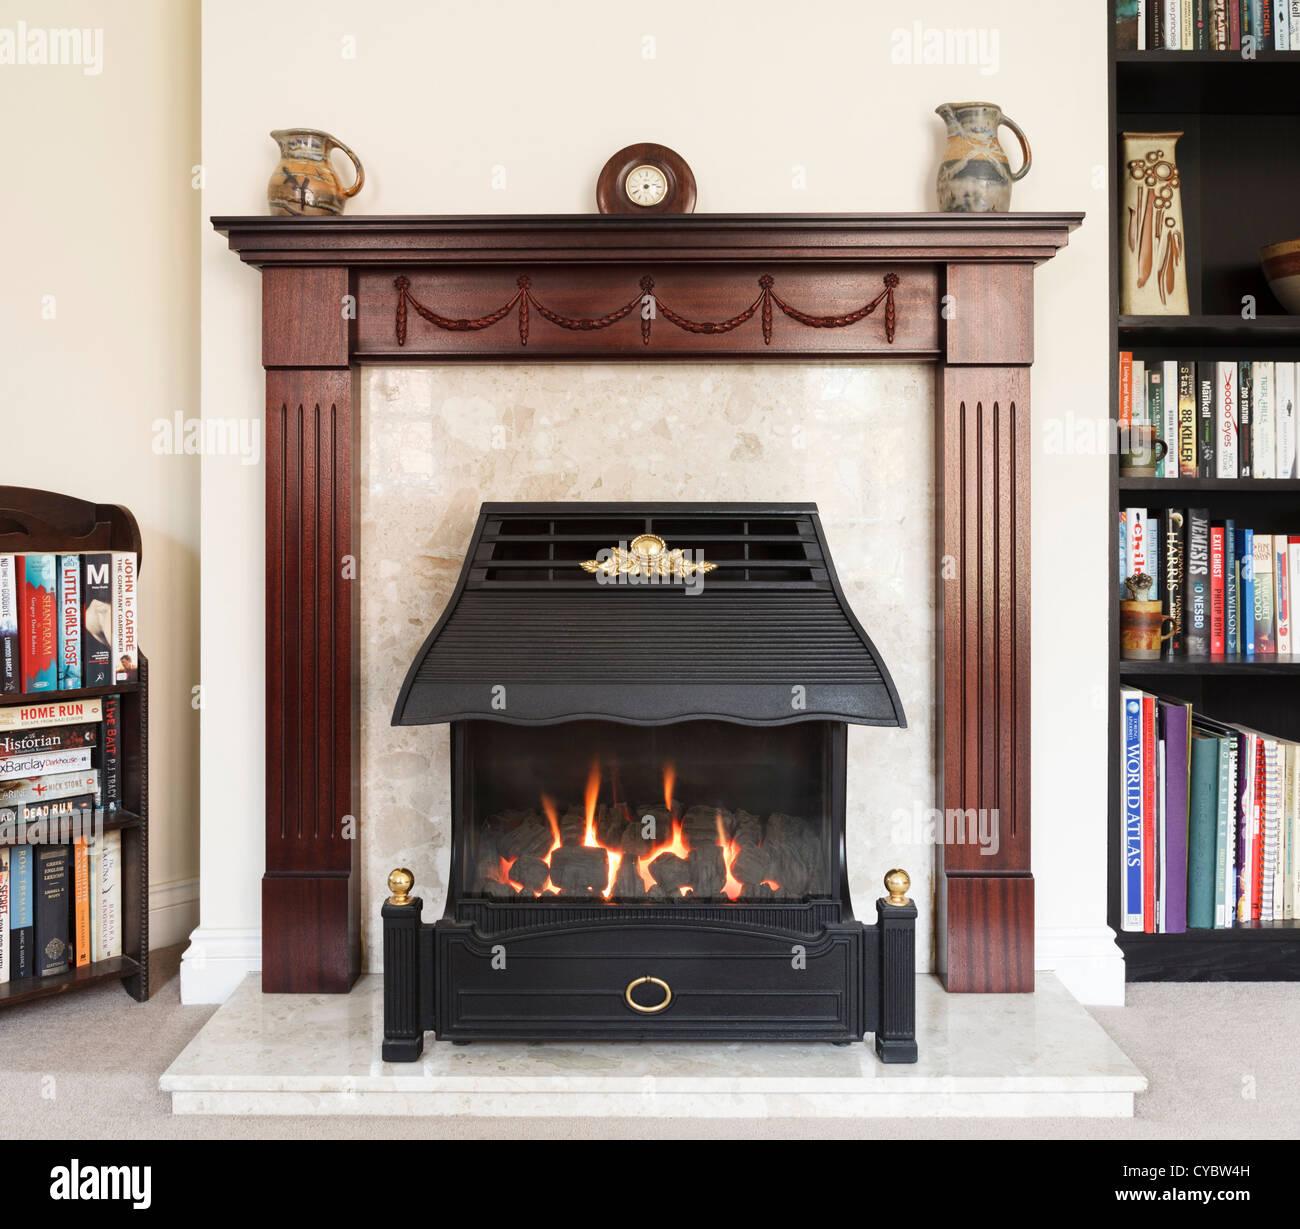 kamin und gas feuer in einem uk haus wohnzimmer - Wohnzimmer Feuer